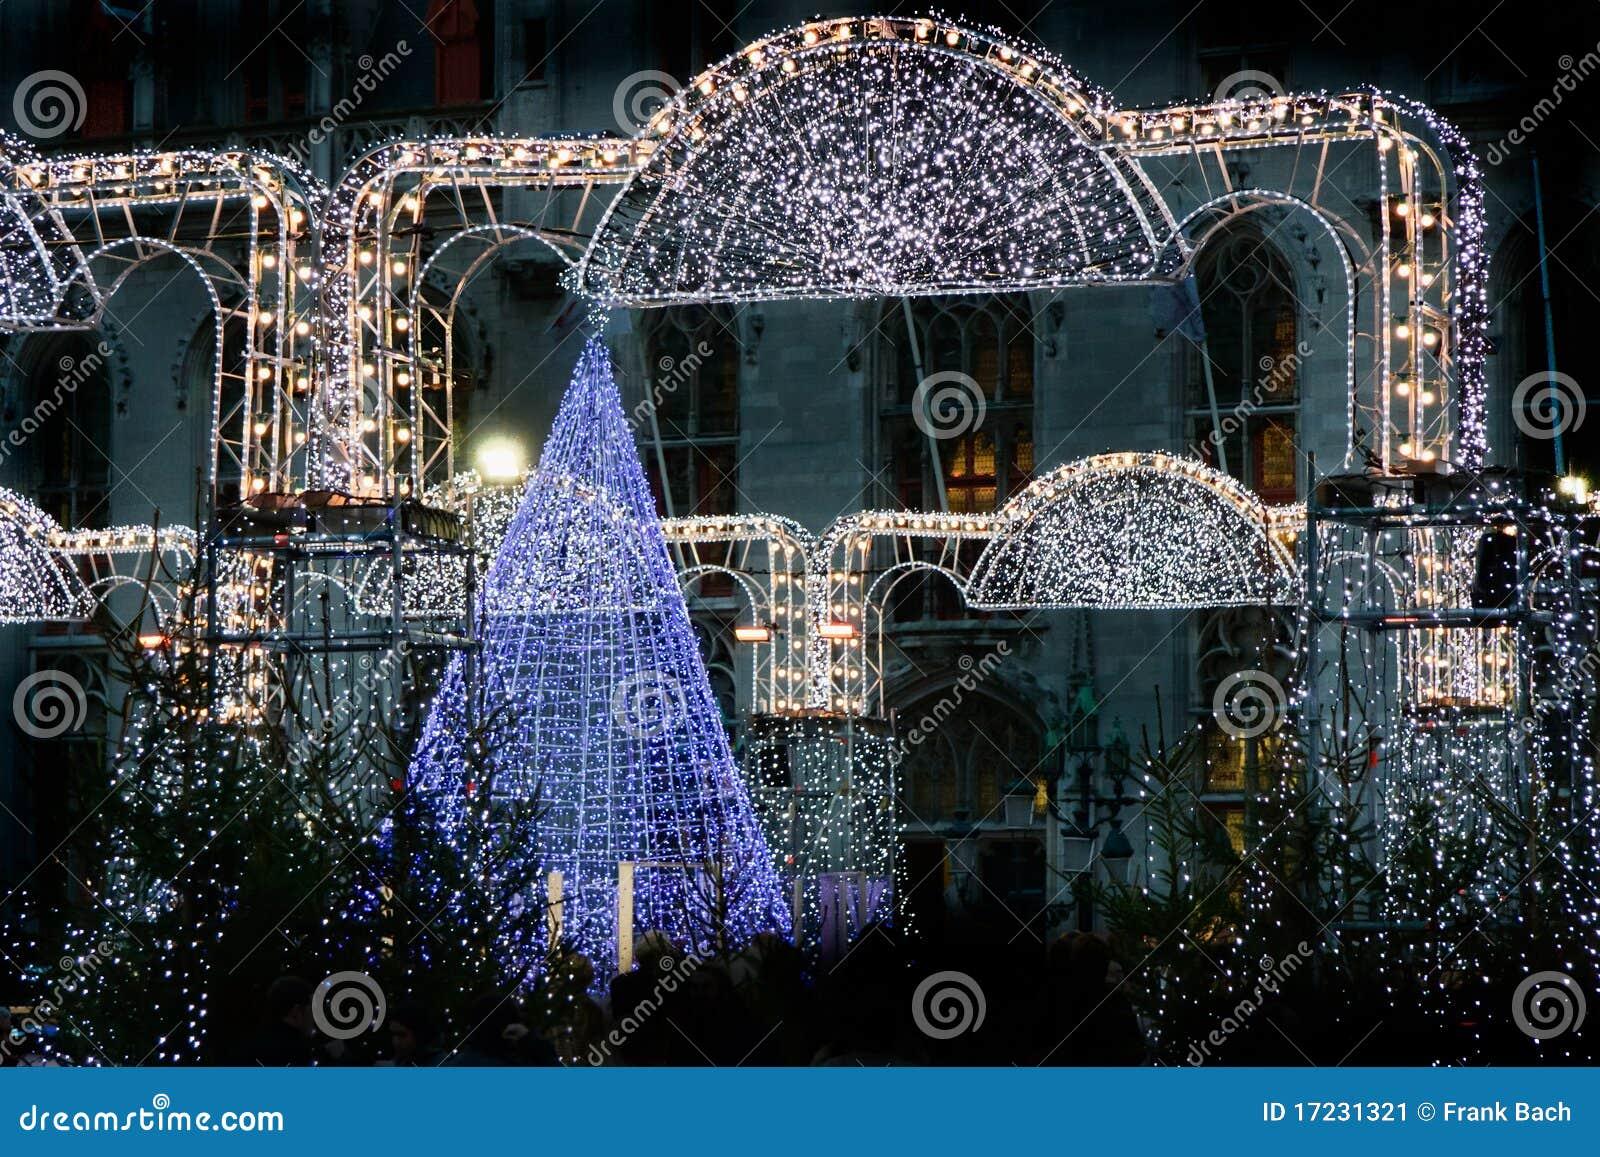 weihnachtsmarkt in br gge belgien stockbild bild 17231321. Black Bedroom Furniture Sets. Home Design Ideas